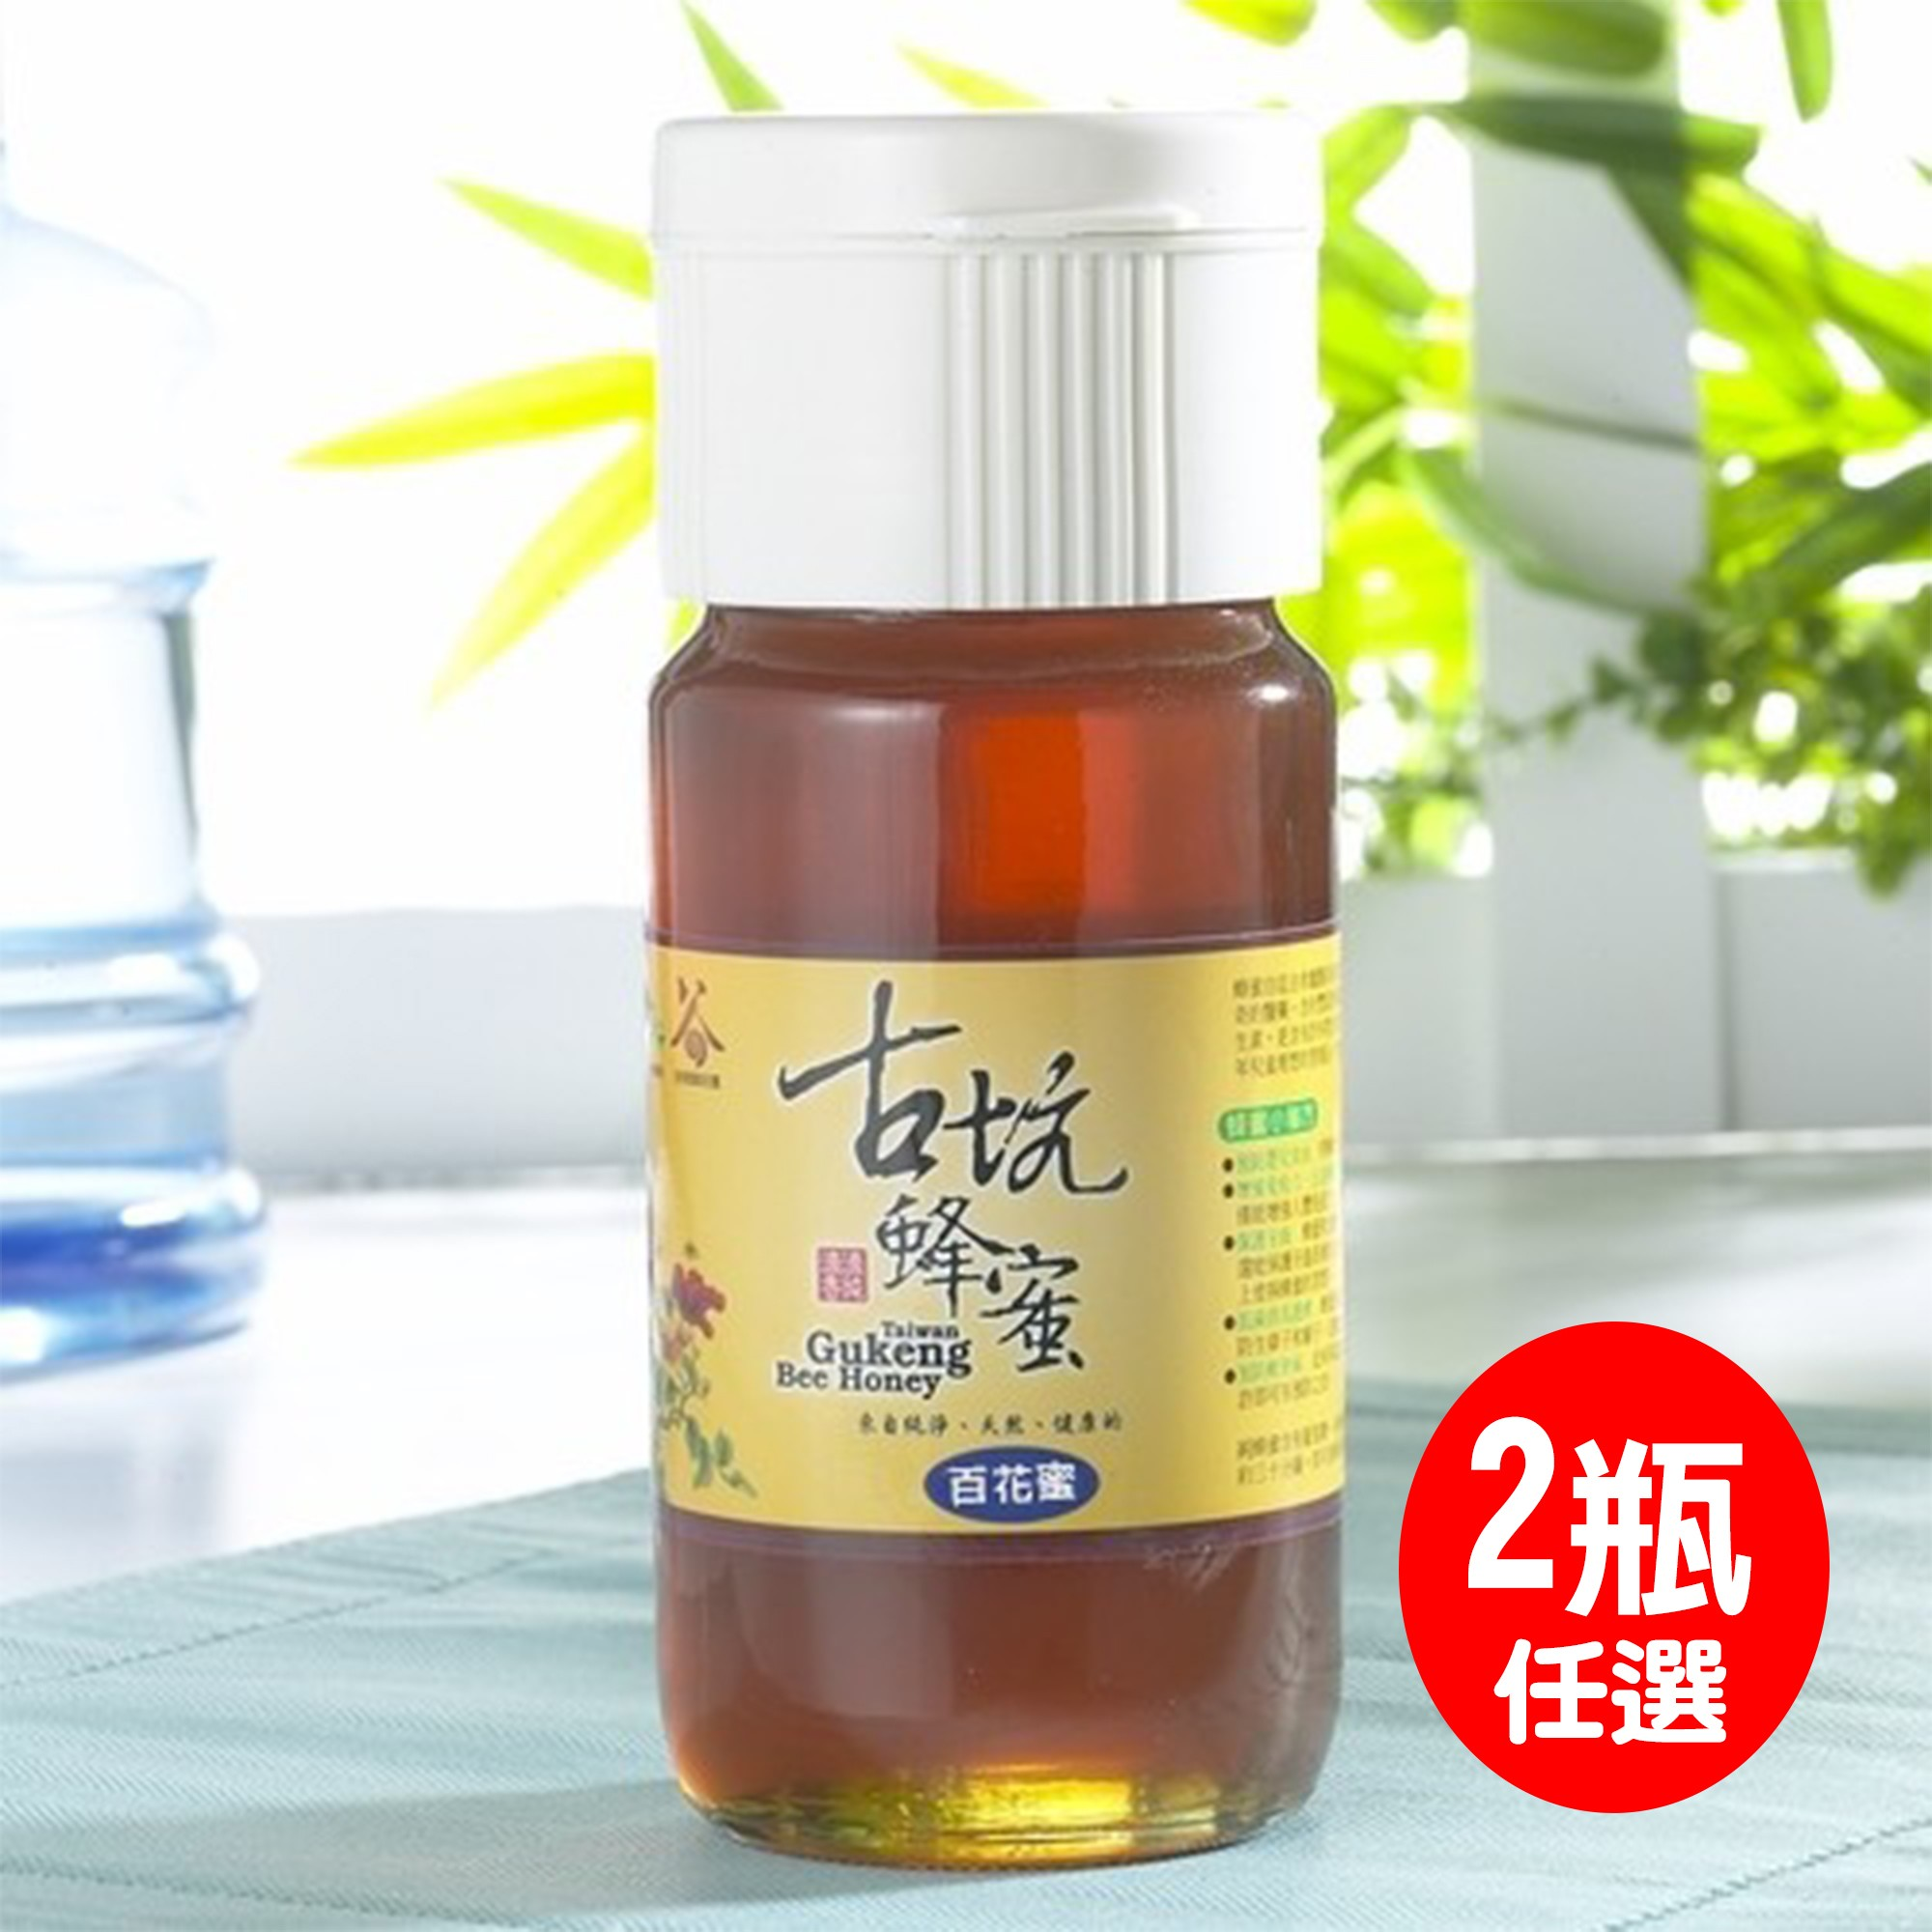 【雲林古坑】純天然蜂蜜700g (任選2瓶組)